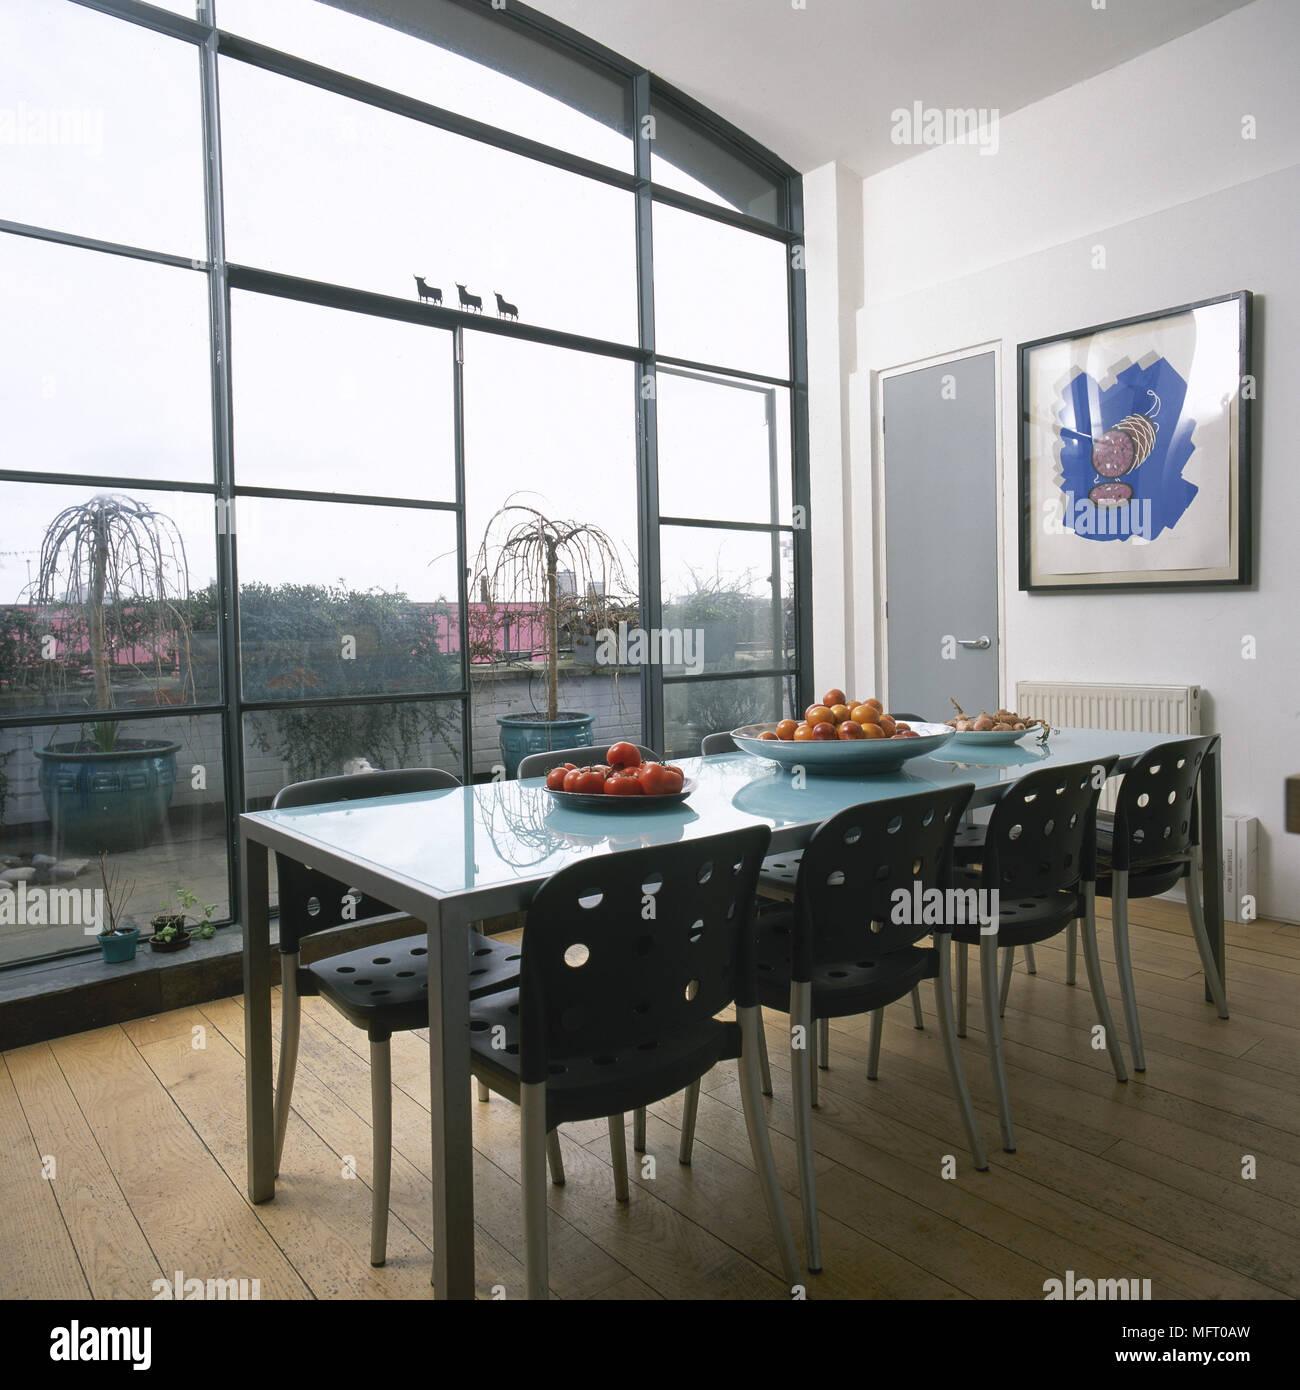 Modernen Speisesaal mit Holz, Metall, Esstisch, Stühle, Kunststoff ...